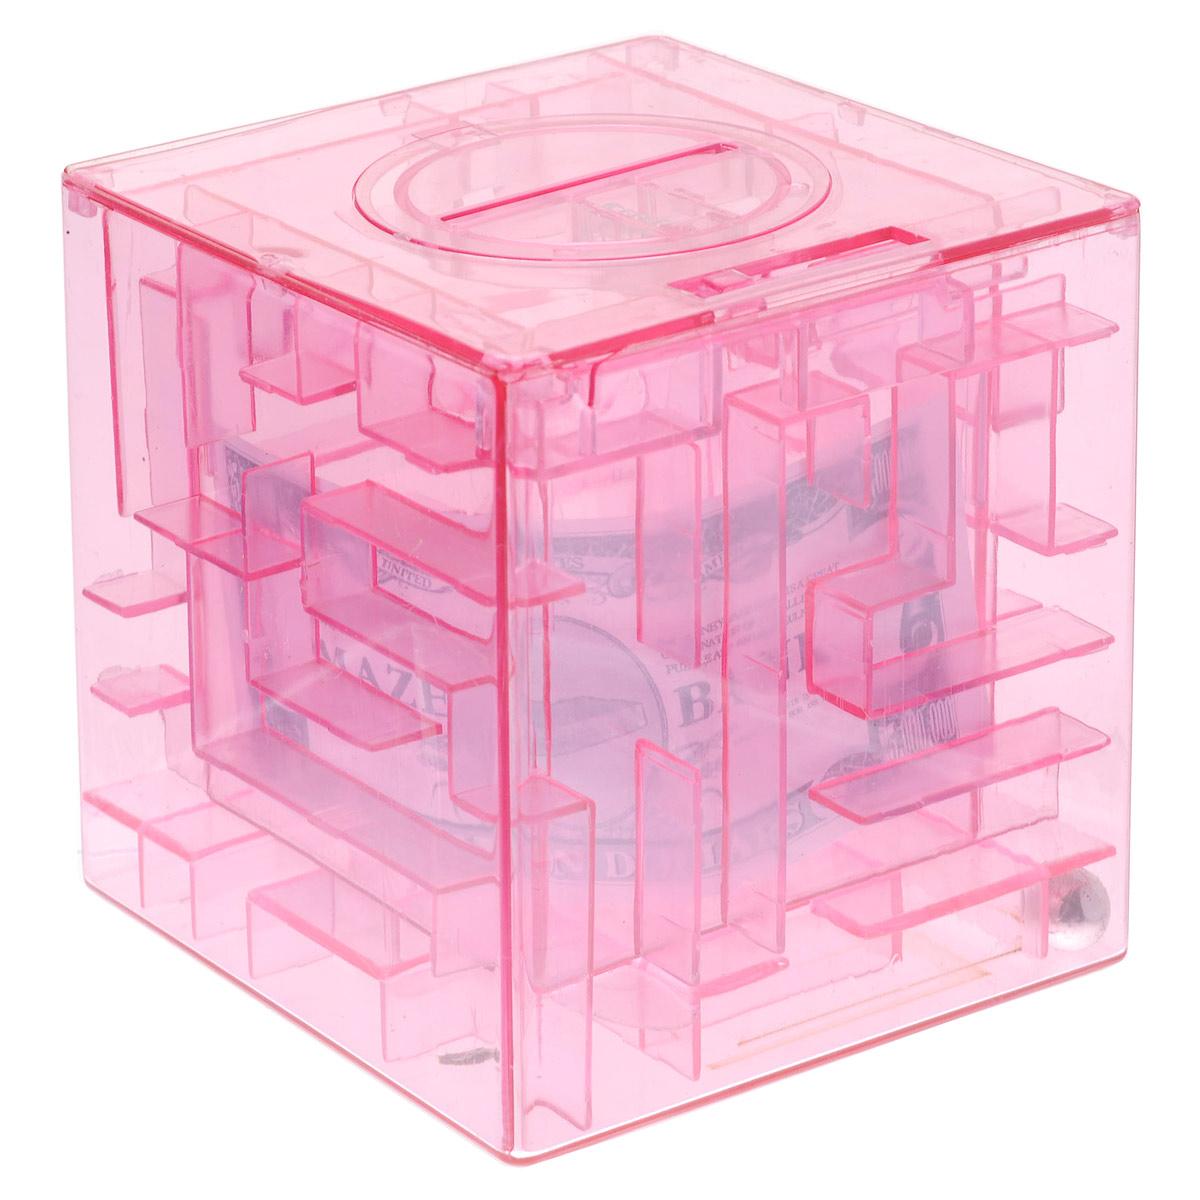 Копилка-головоломка Эврика Лабиринт, цвет: розовый92677Копилка Лабиринт - это самая настоящая головоломка. Она изготовлена из высококачественного пластика. Чтобы достать накопленные денежки, необходимо провести шарик по запутанному пути.Копилка Лабиринт - оригинальный способ преподнести подарок. Положите купюру в копилку, и смело вручайте имениннику. Вашему другу придется потрудиться, чтобы достать подаренную купюру. Копилка имеет отверстие, чтобы класть в нее деньги. Размер копилки: 9 см х 9 см х 9 см.